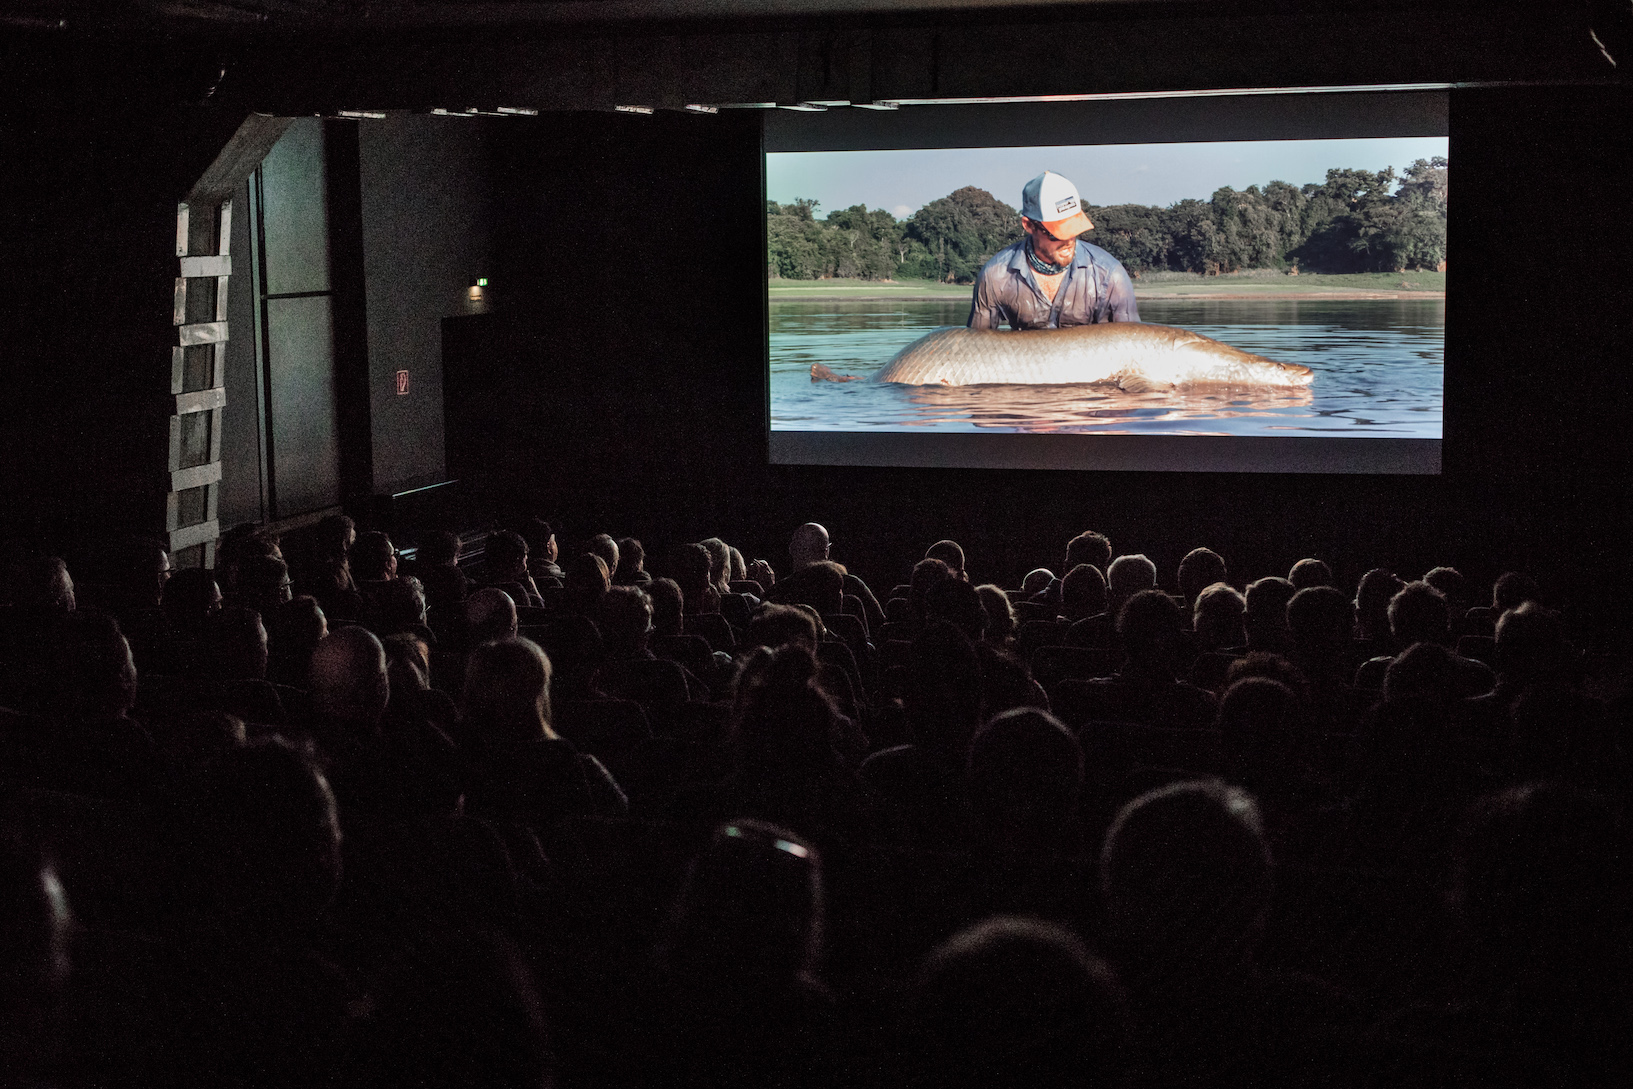 Das RISE Fliegenfischen Filmfestival